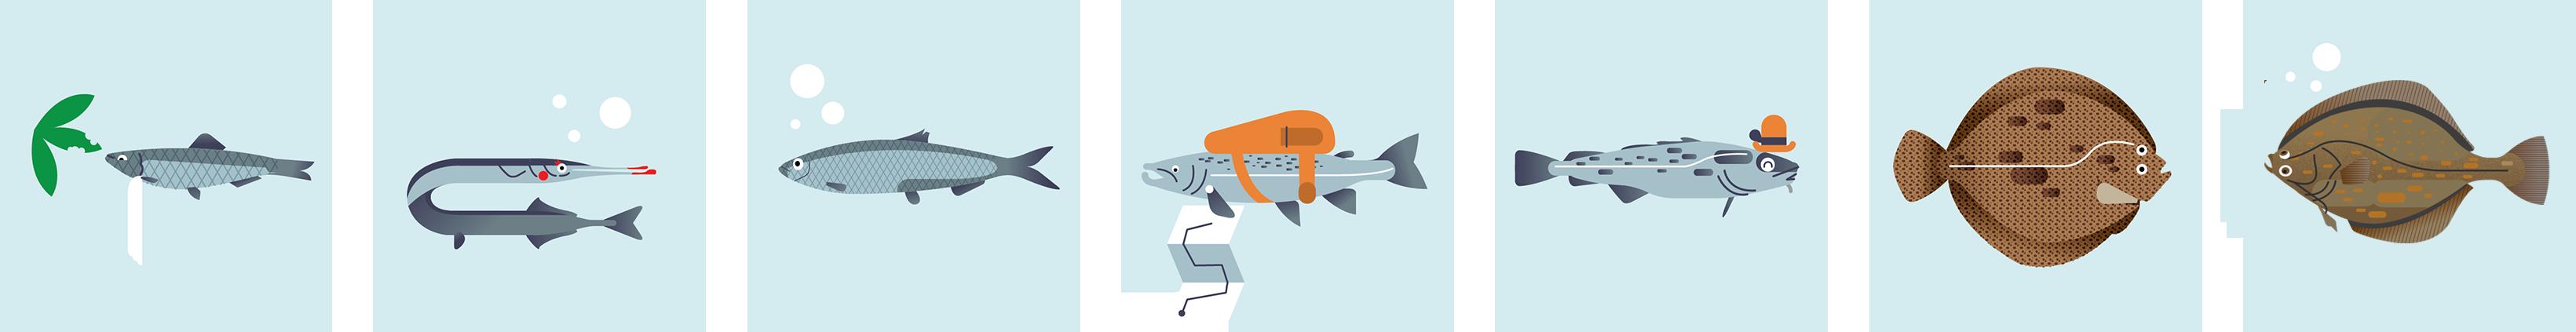 Wiemy już, które gatunki ryb są bałtyckie. Znamy też okresy ochronne.